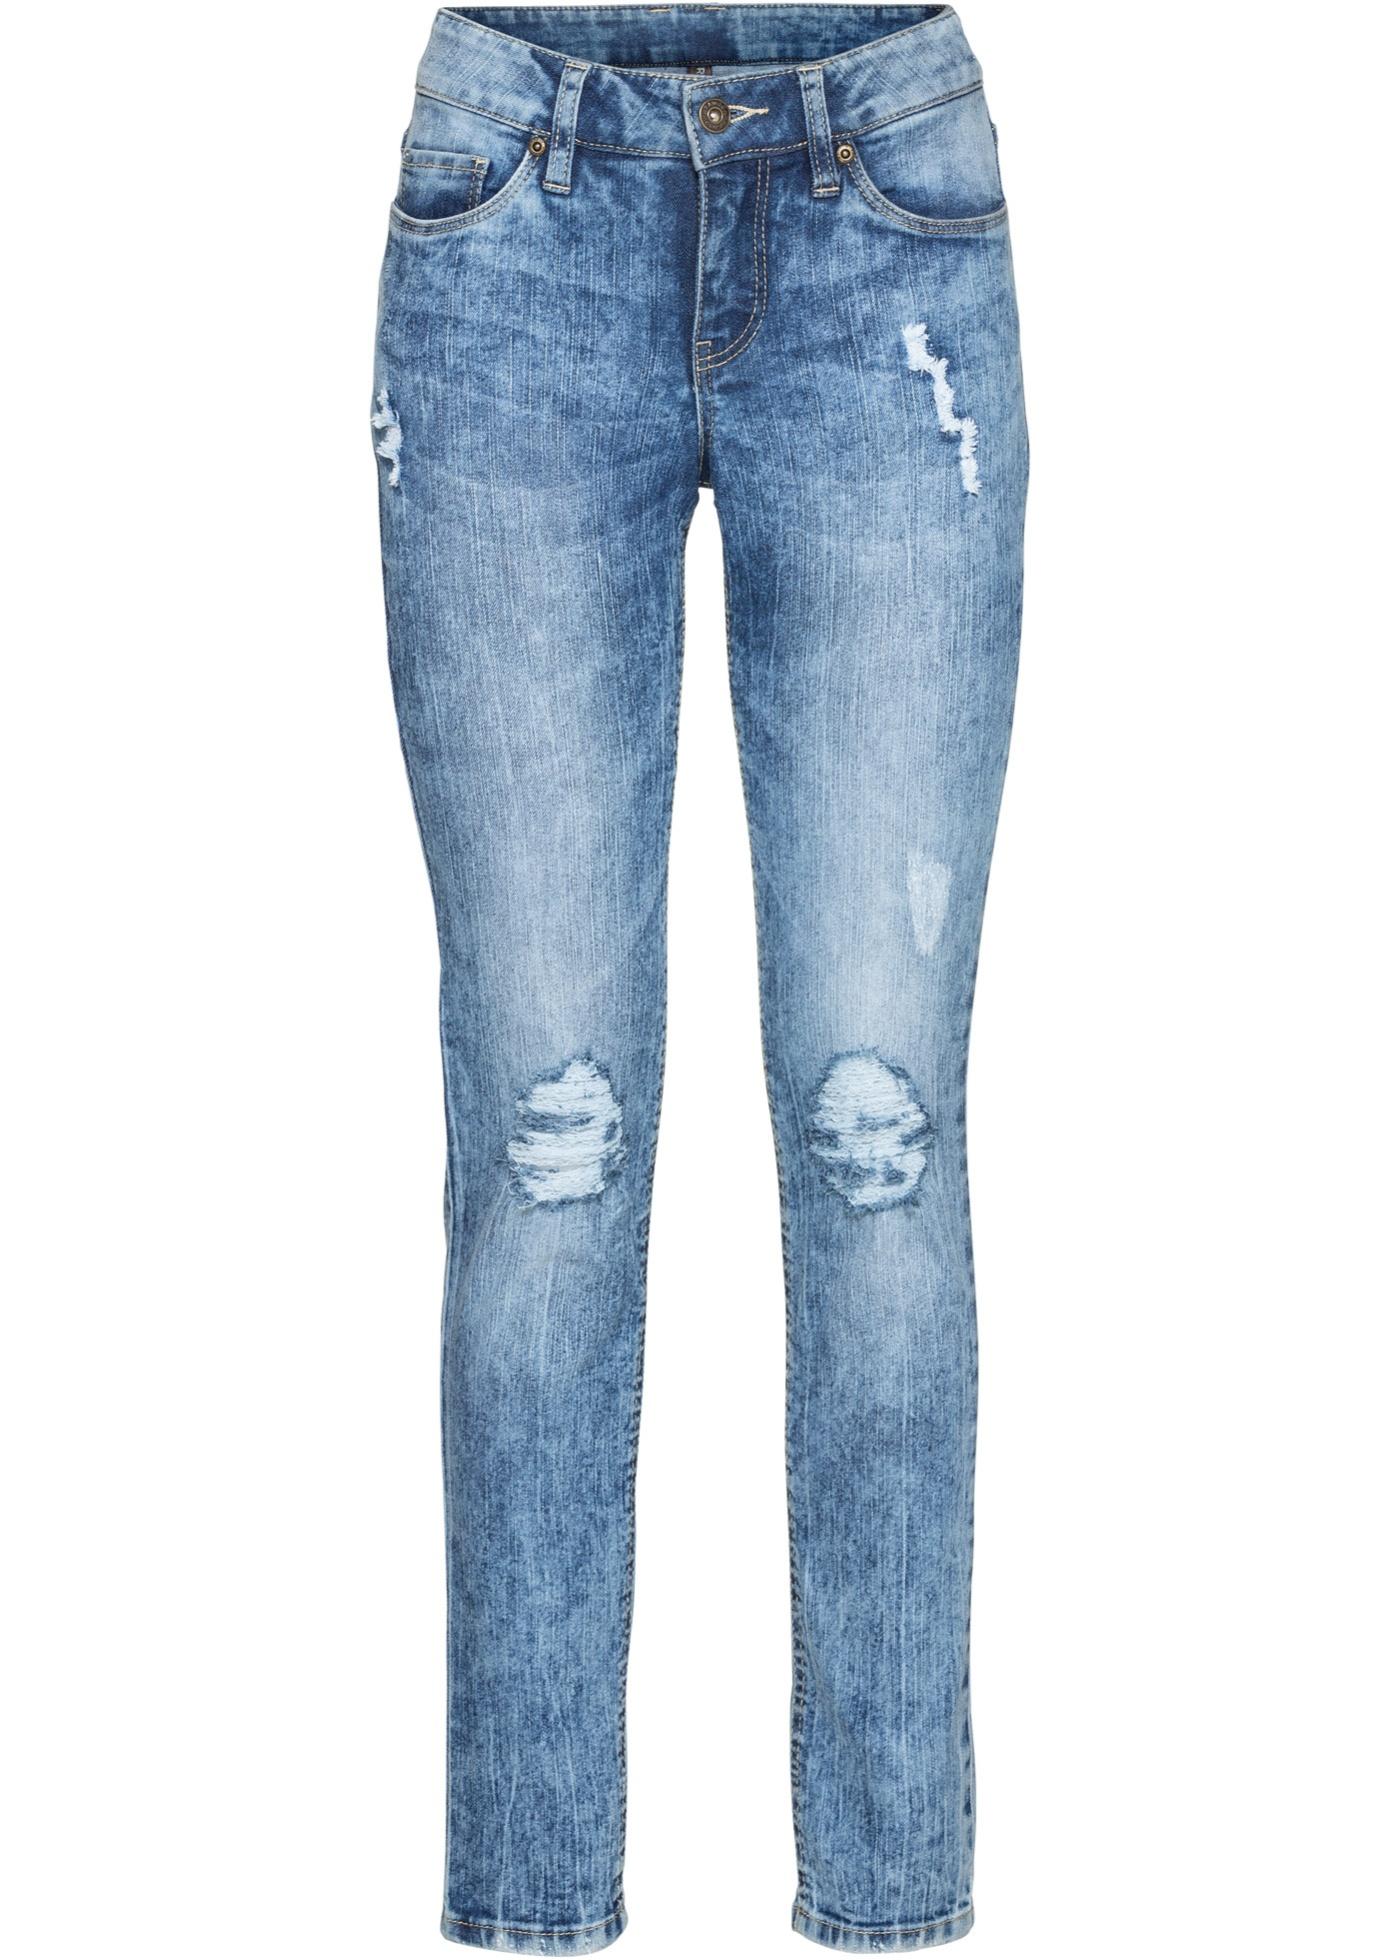 Bonprix - Skinny jeans 279.00